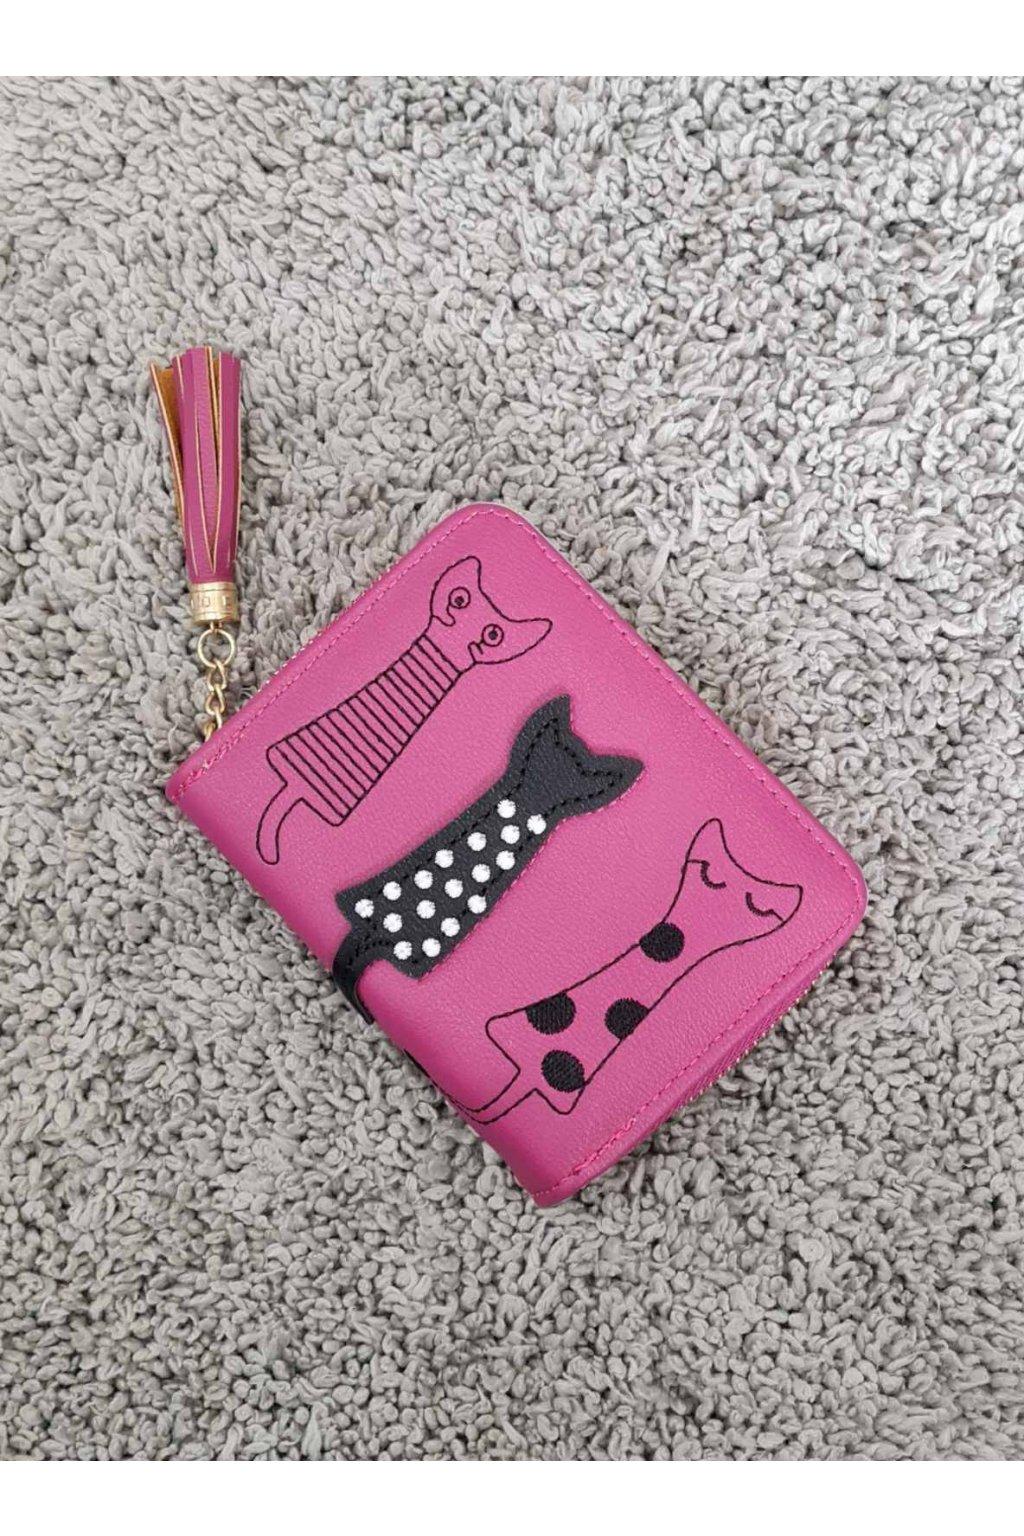 Dámská peněženka Cats růžová